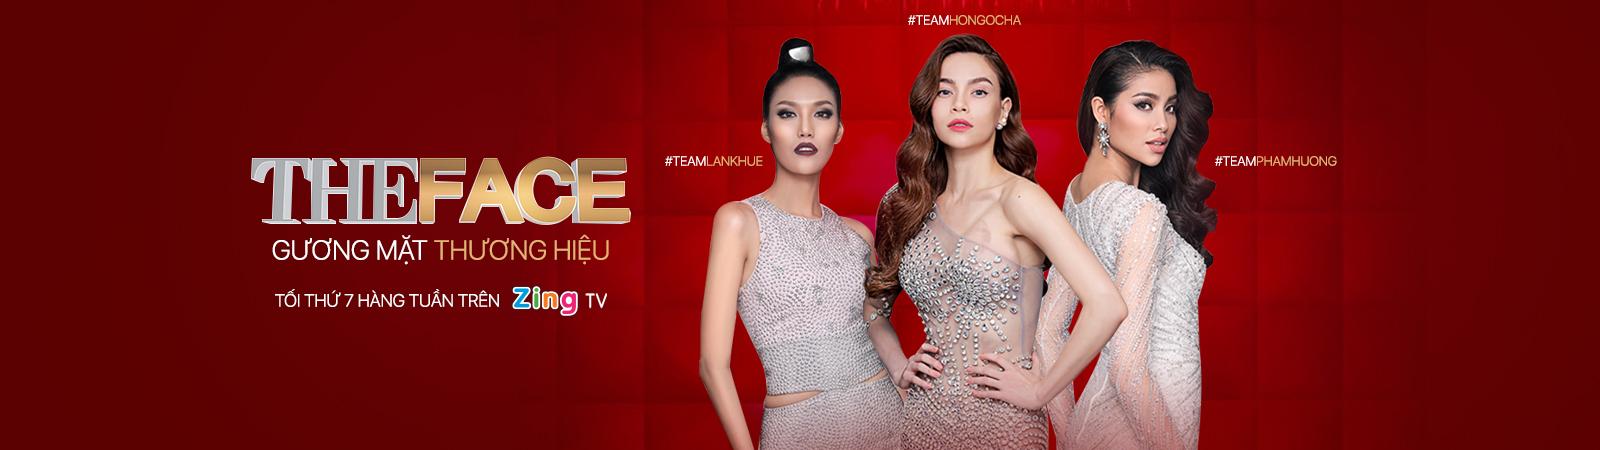 Tập 10 - The Face Vietnam 2016 - Gương Mặt Thương Hiệu 2016